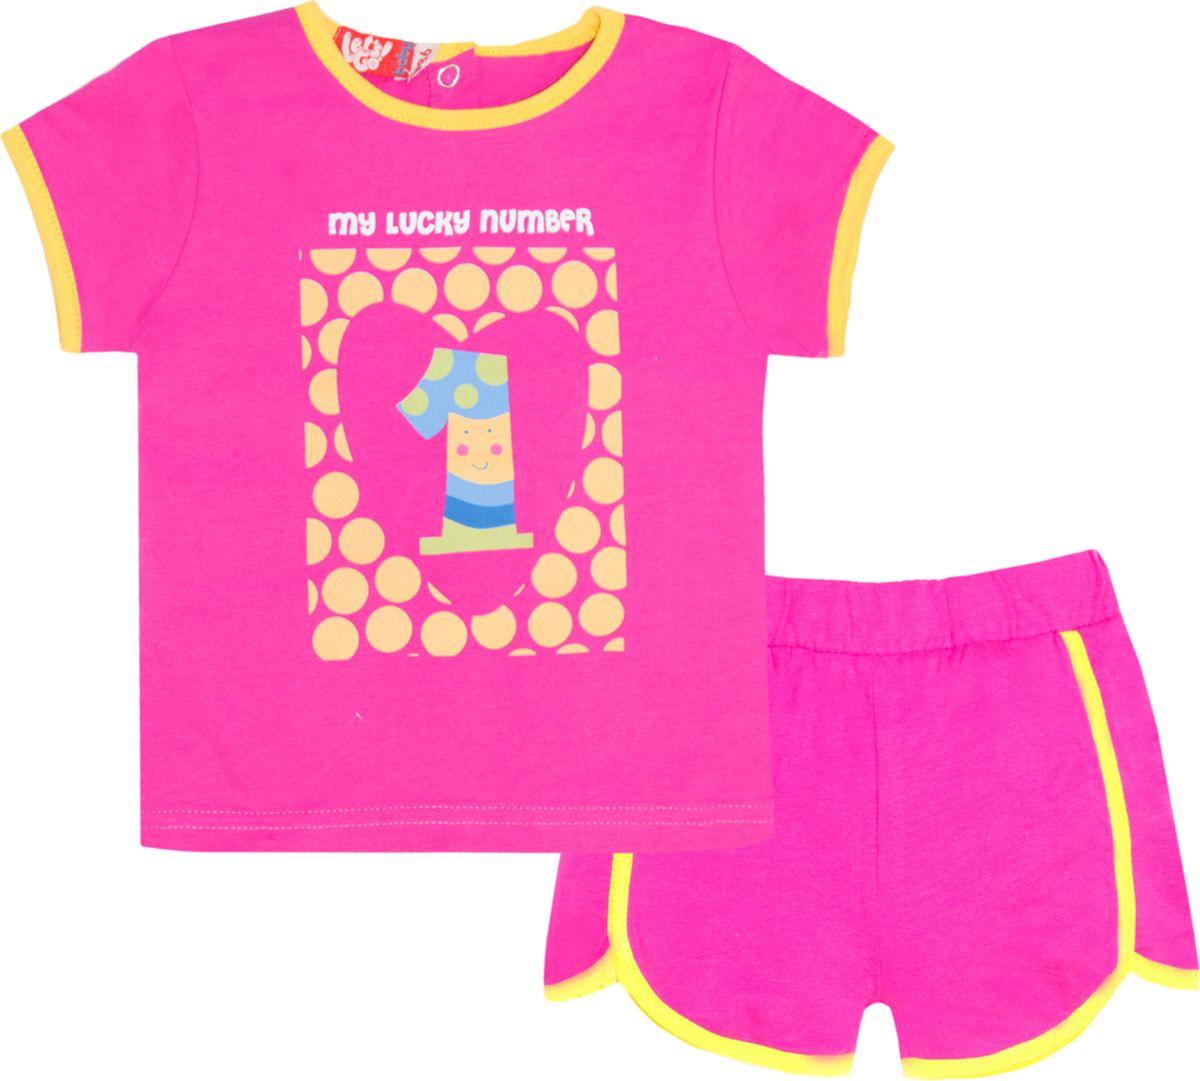 Комплект одежды для девочки Lets Go: футболка, шорты, цвет: малиновый. 4117. Размер 864117